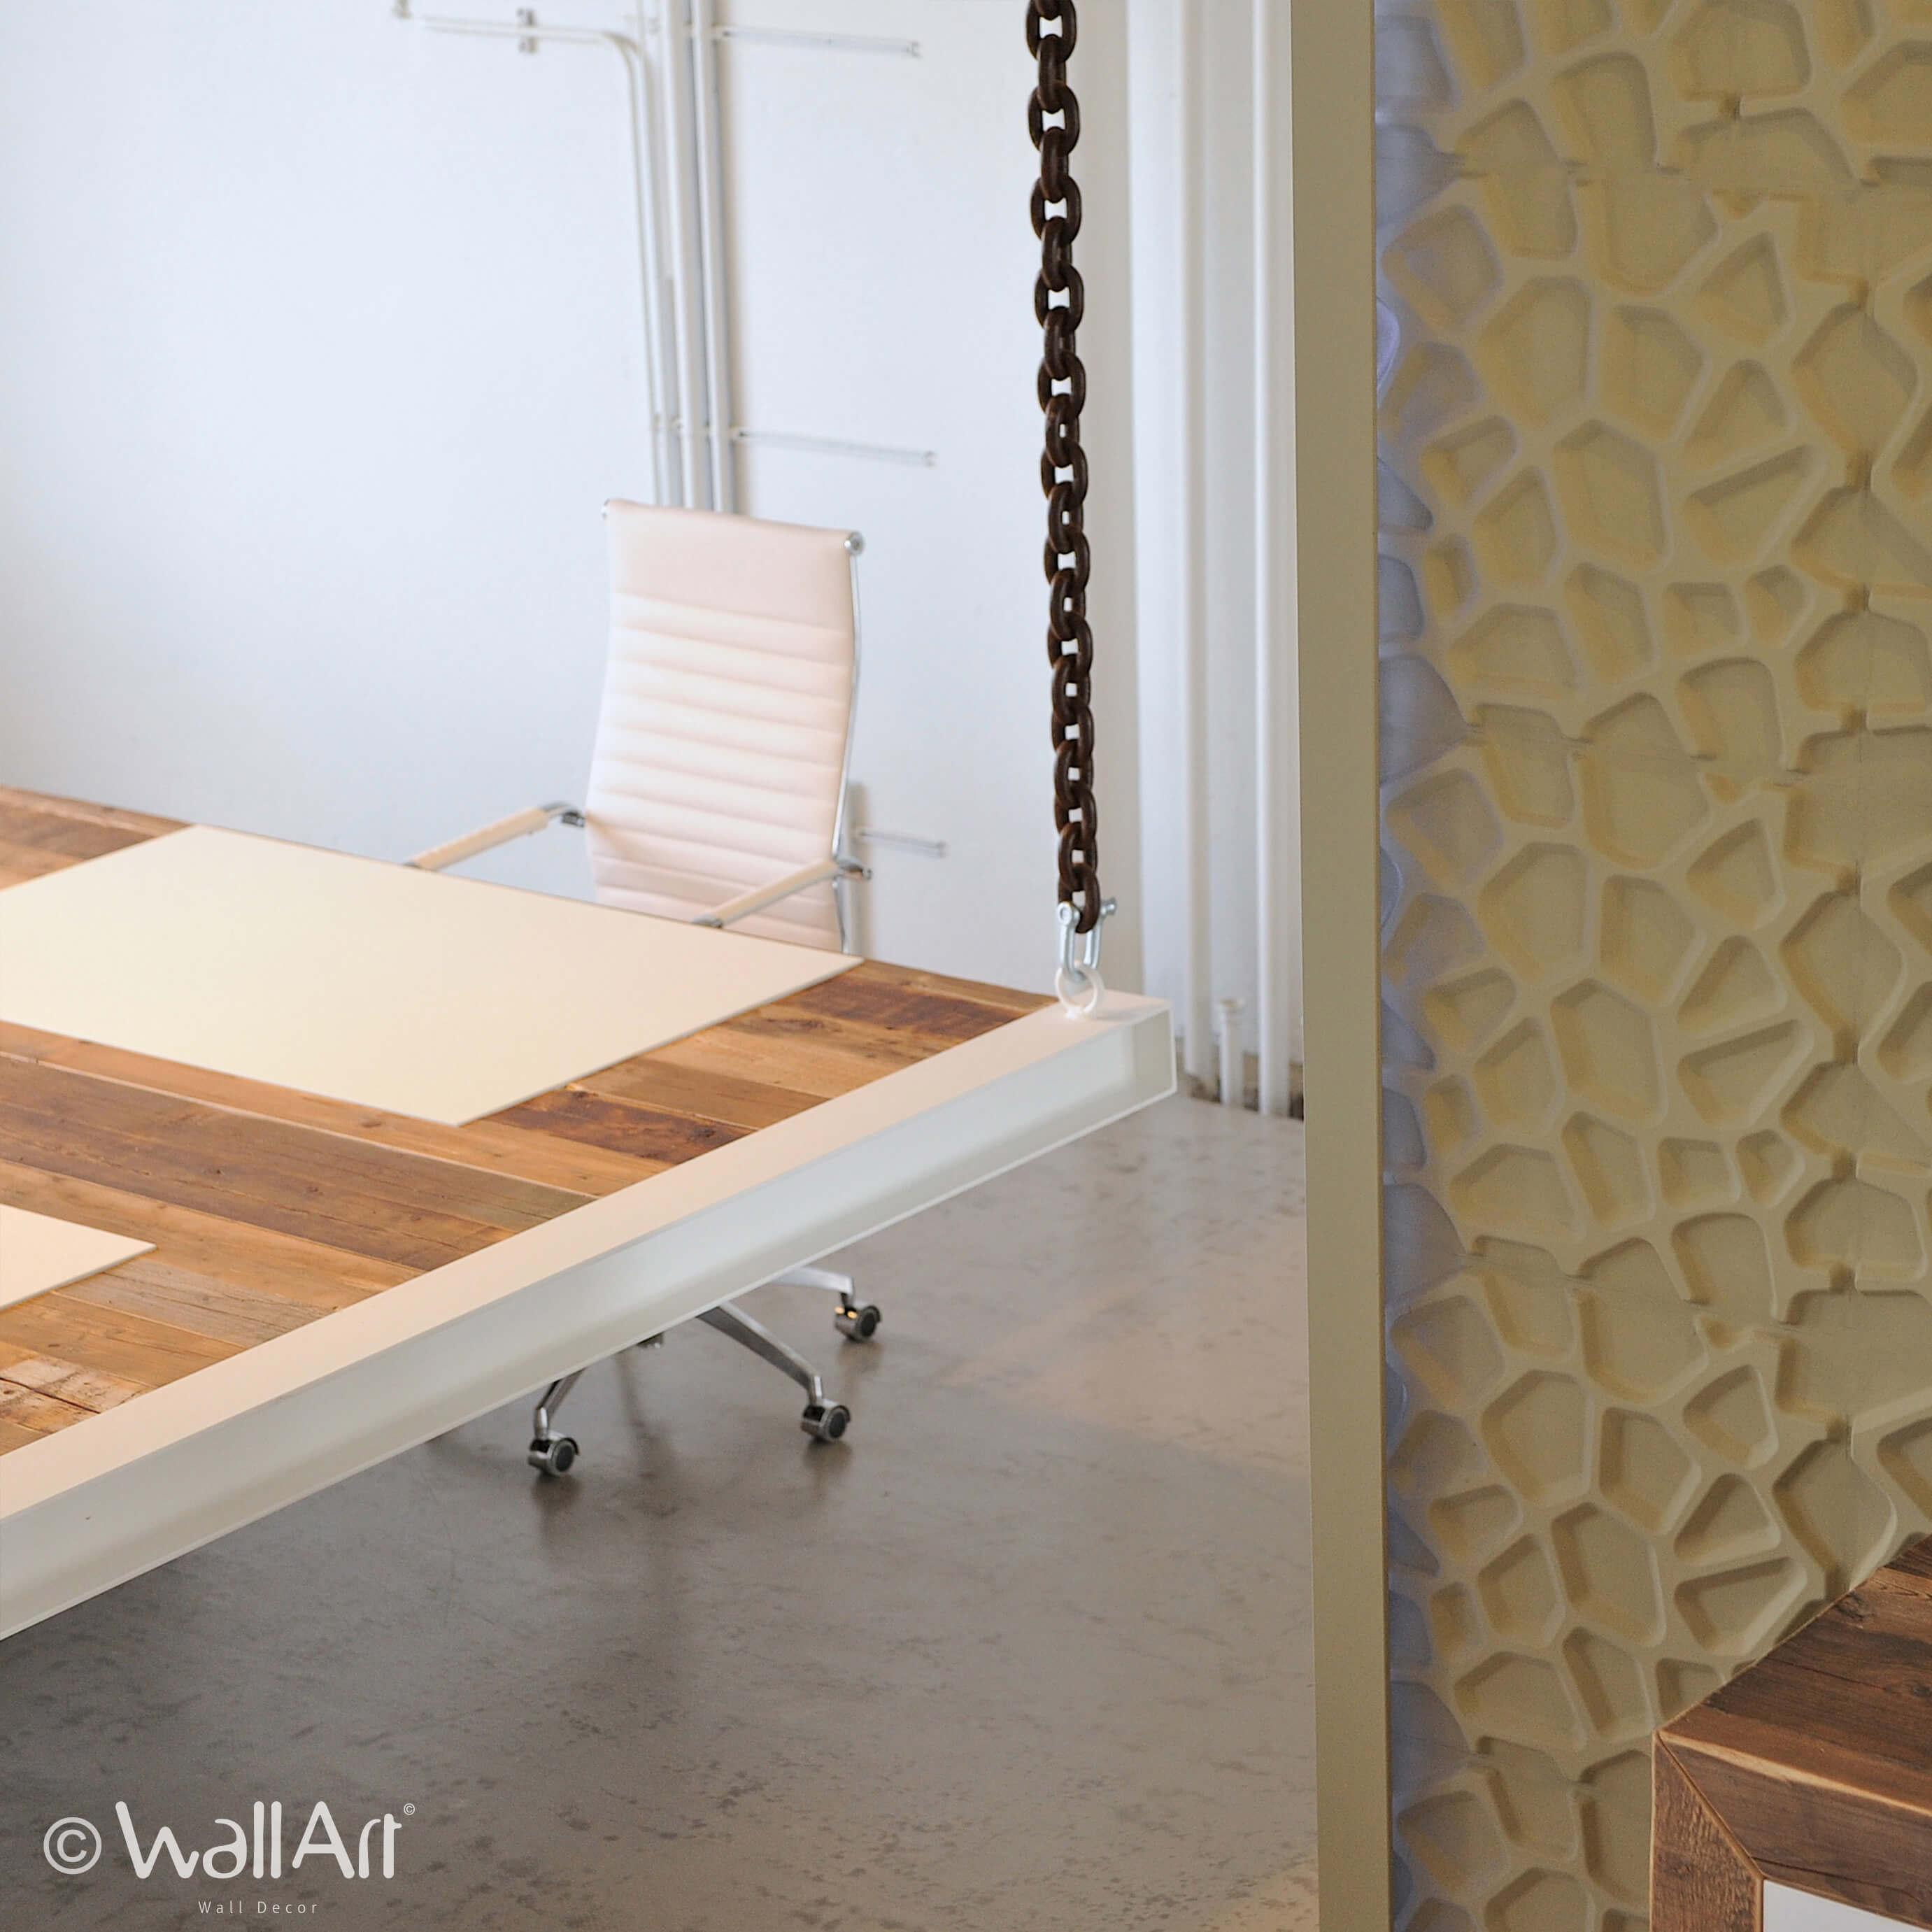 d coration salle de bain panneau mural 3d wallart panneau d coratif mur 3d wall art. Black Bedroom Furniture Sets. Home Design Ideas